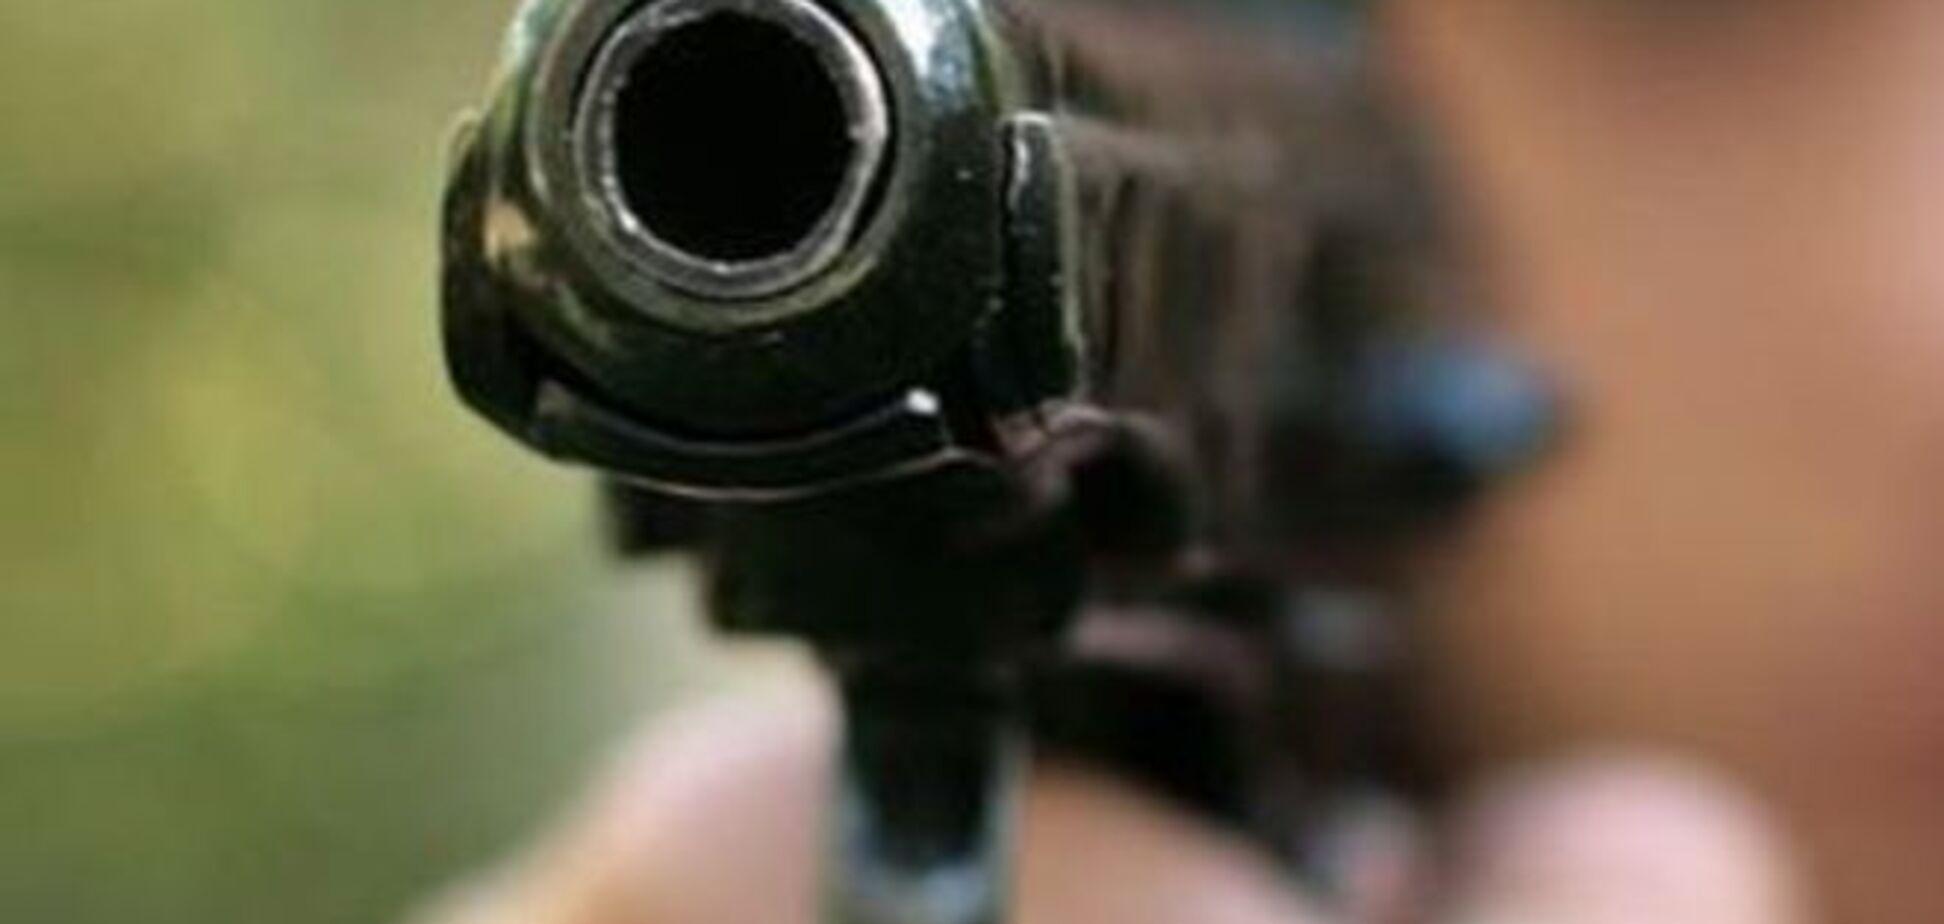 Вбивство у Дніпропетровську: подробиці розстрілу